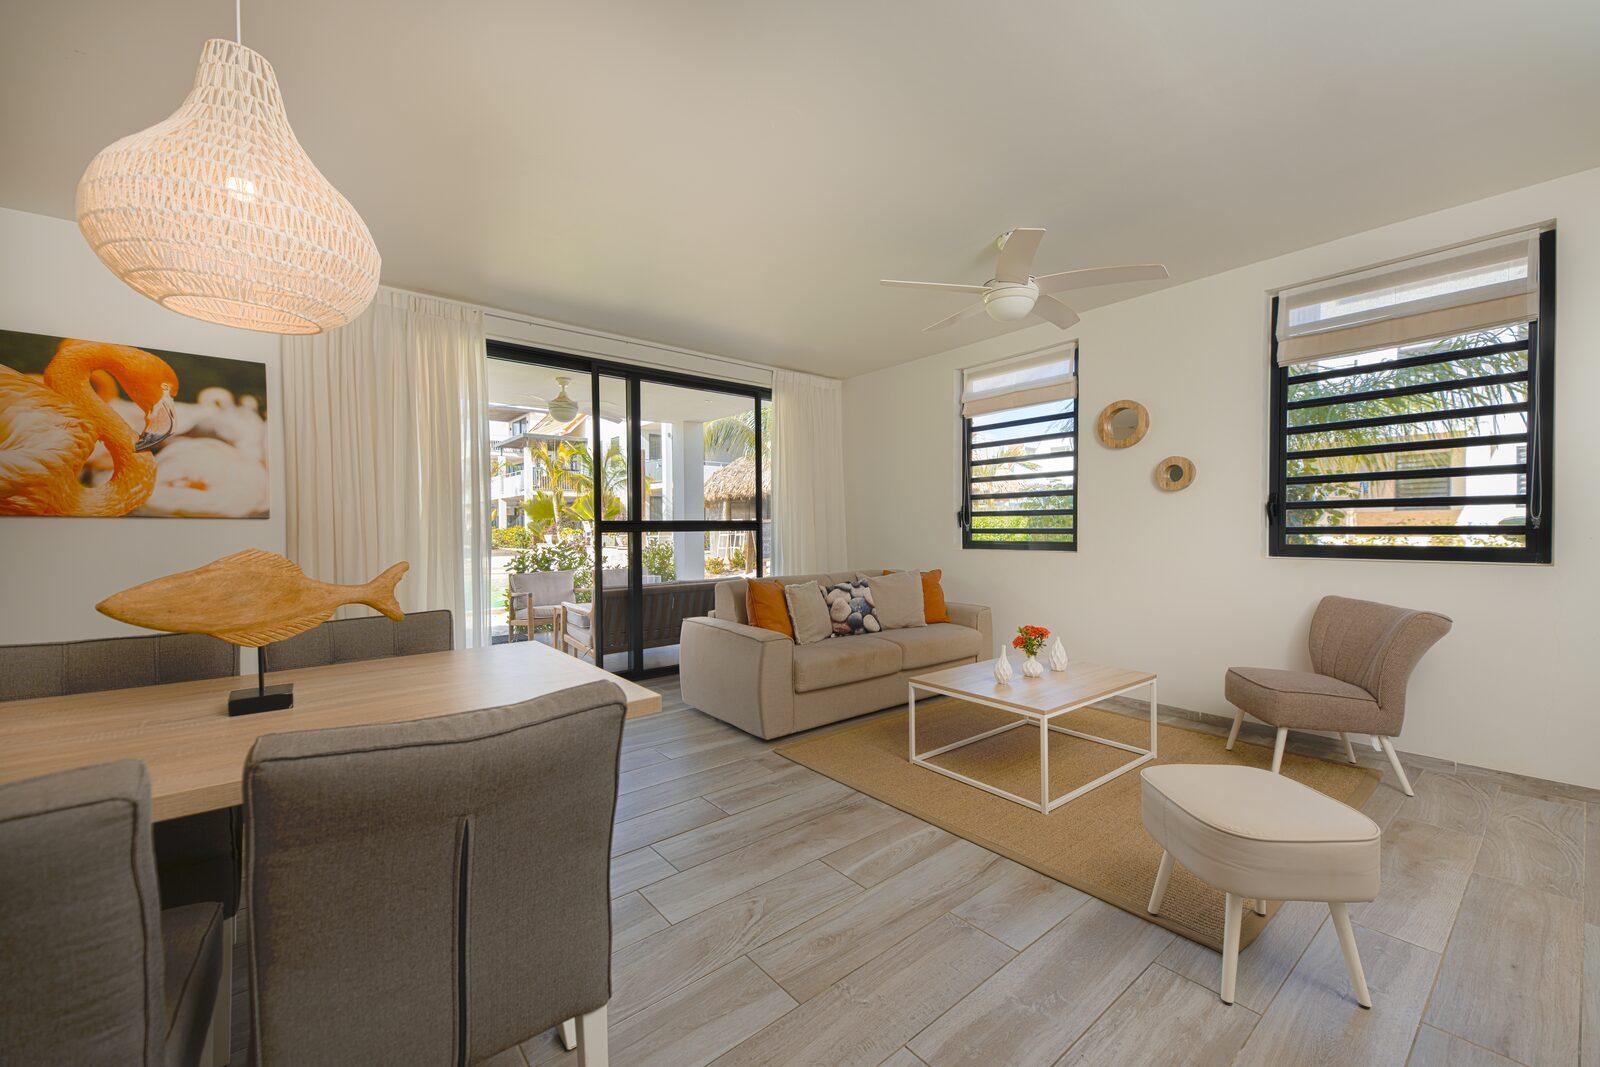 Vous cherchez un appartement à Bonaire? Affichez ici les logements disponibles dans notre hôtel.